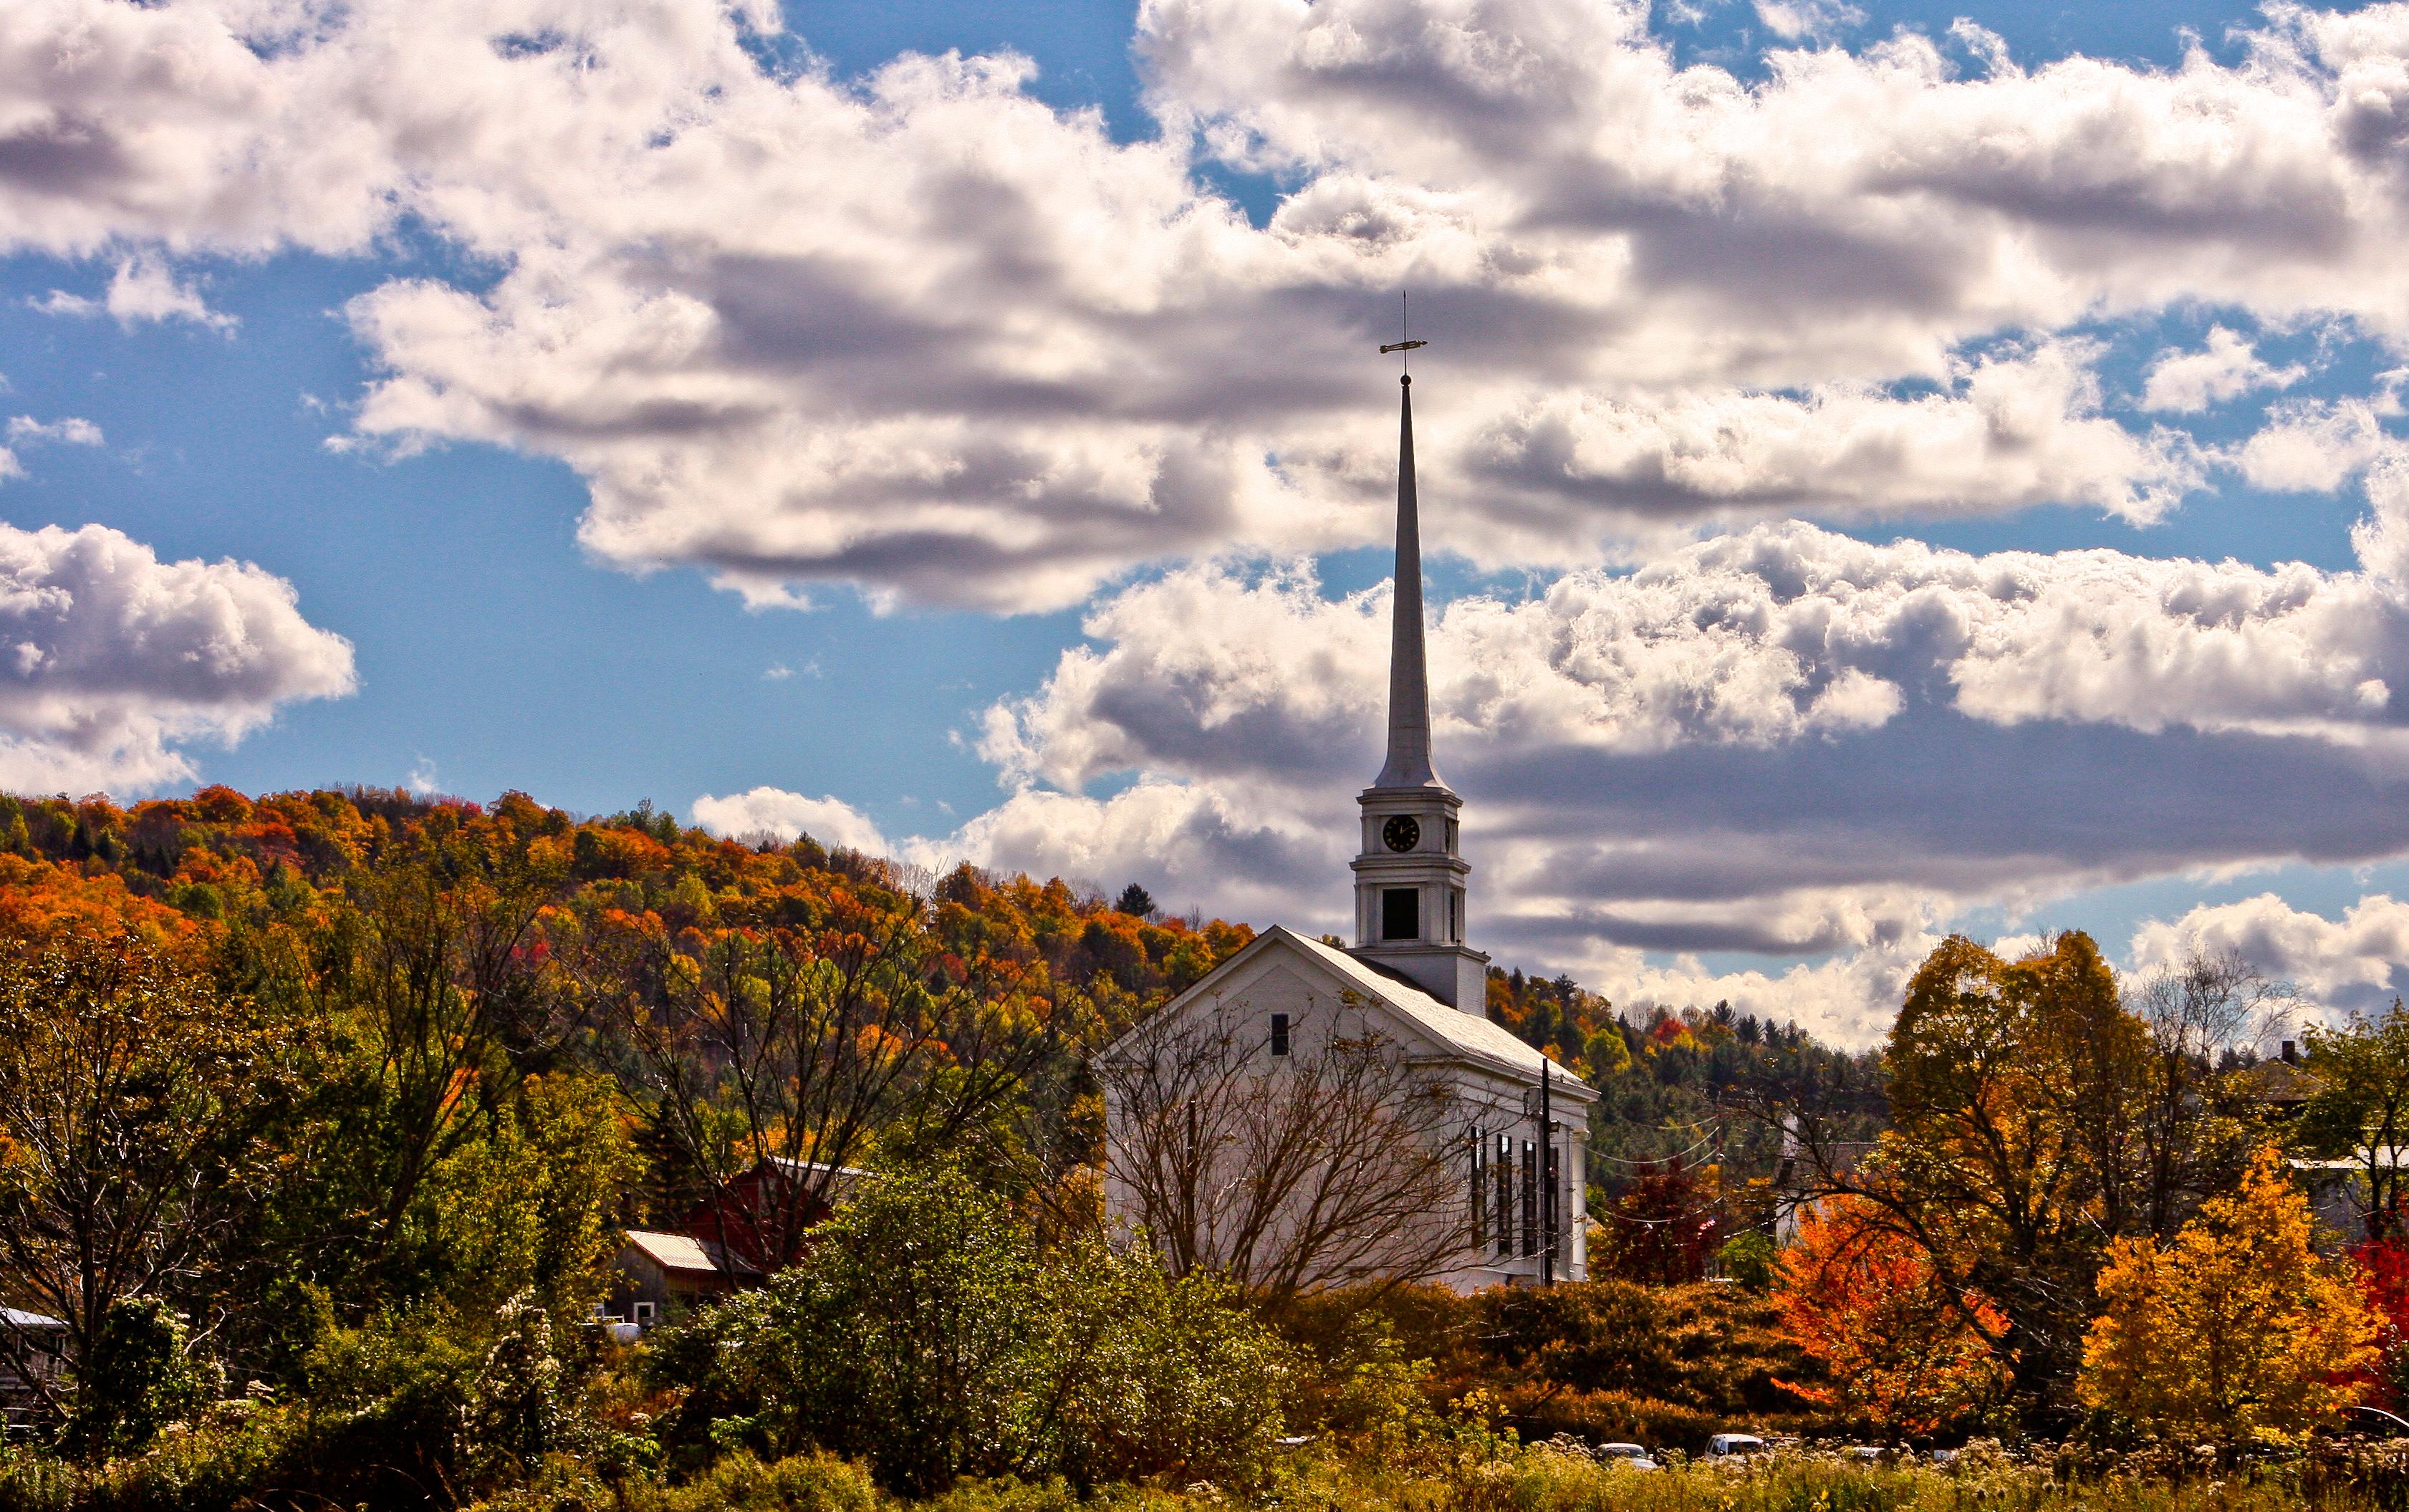 A igreja e as folhas de outono de Stowe, em Vermont. Crédito: